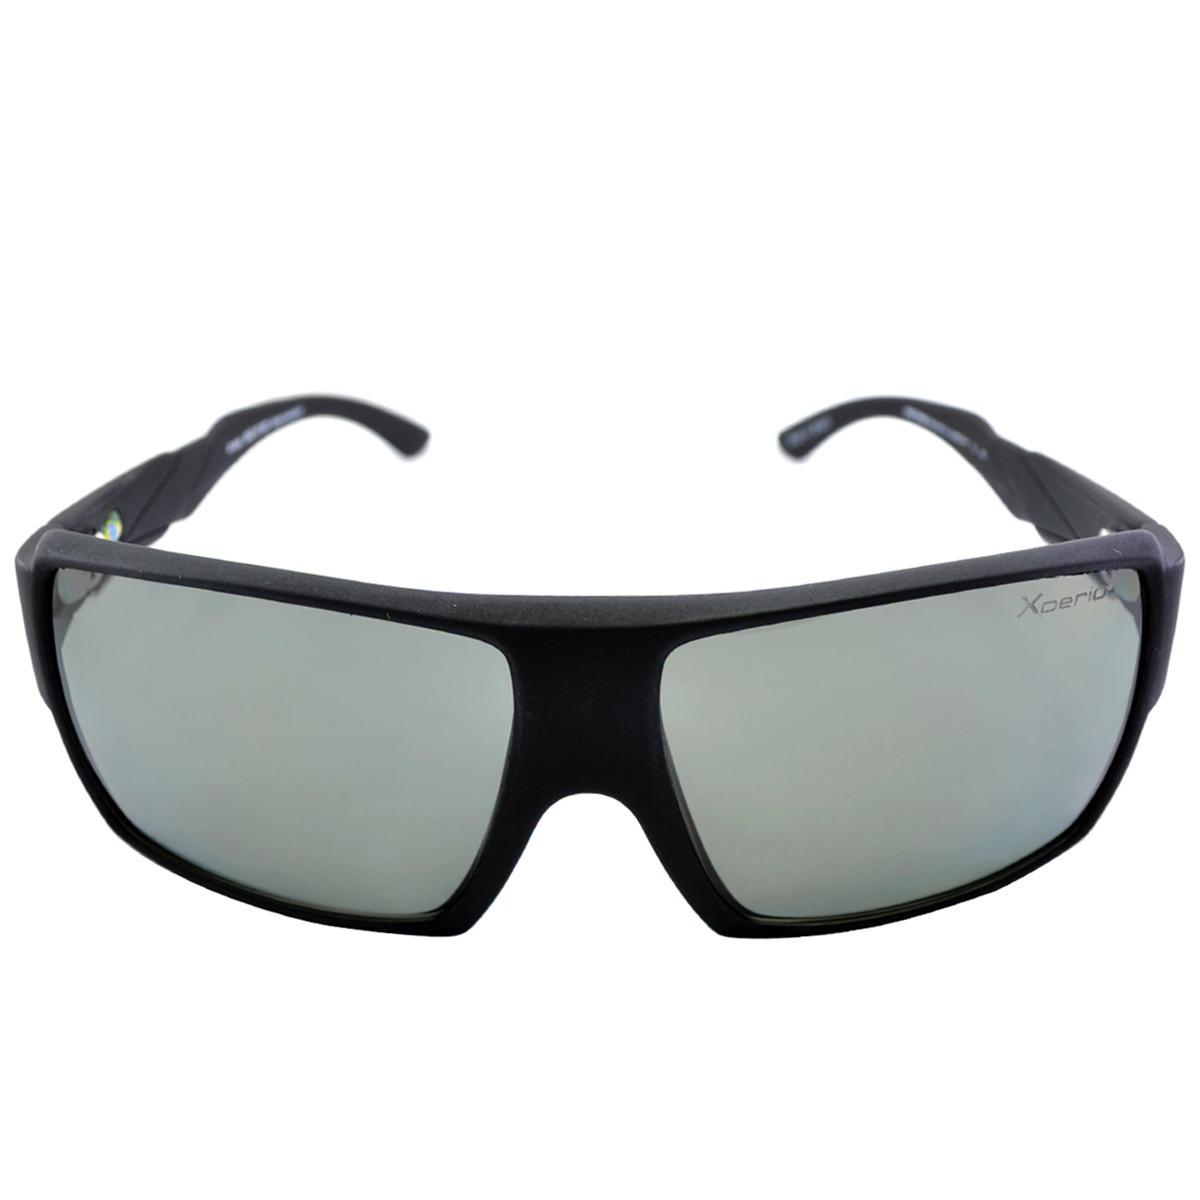 39202b360f476 Óculos Mormaii Aruba Preto Fosco lente Cinza G-15 Polarizada - R ...